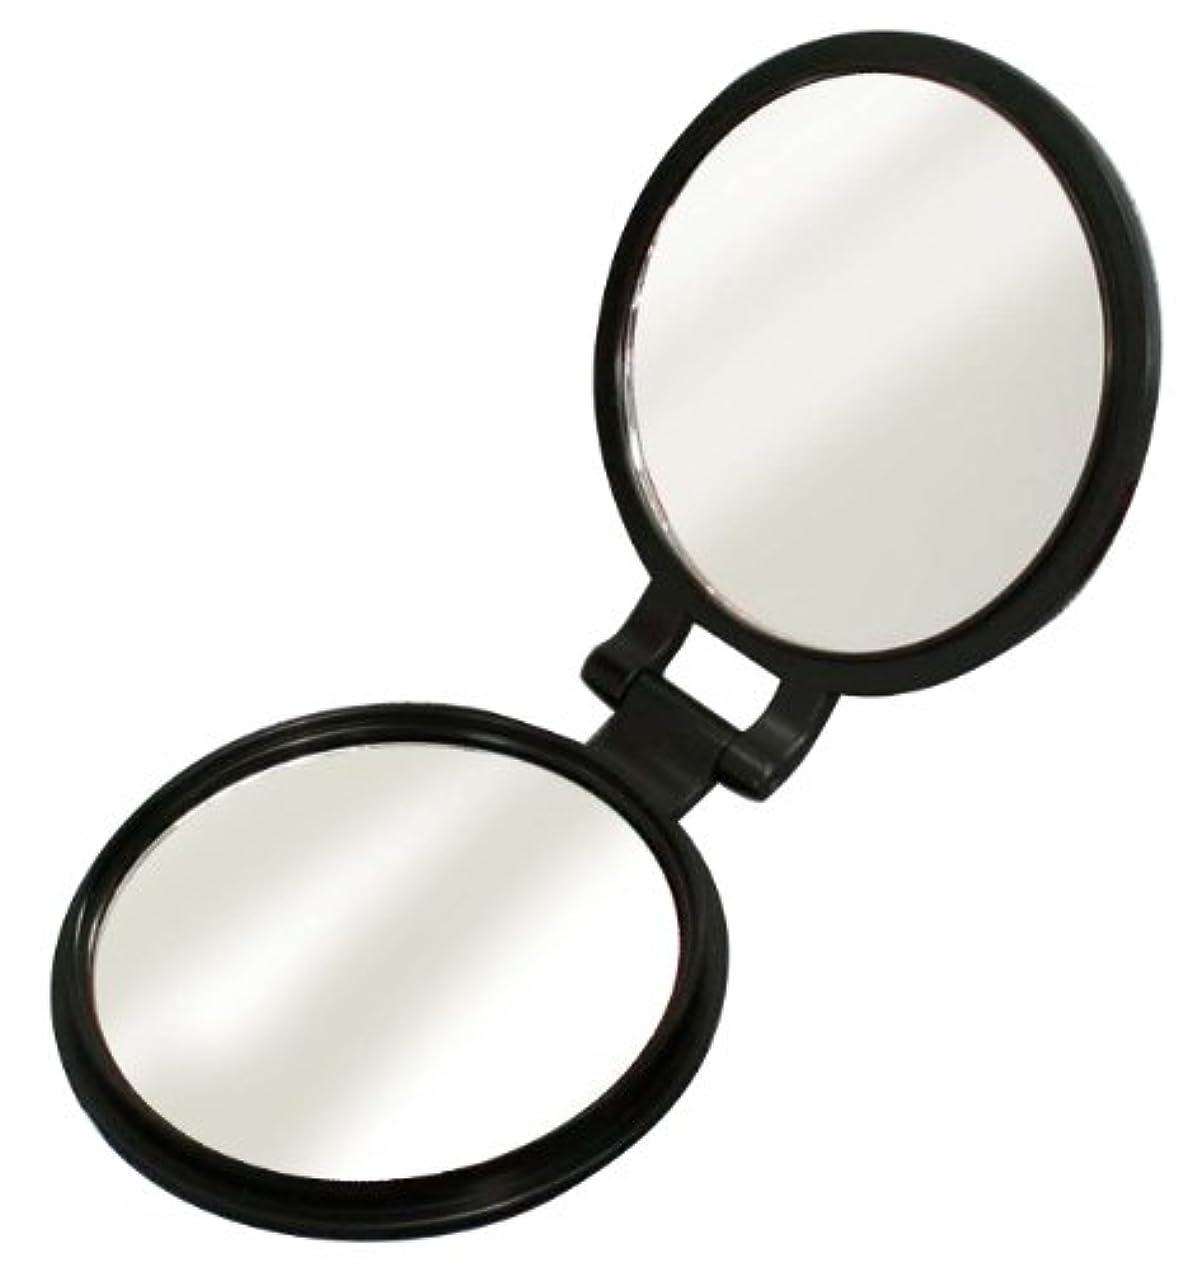 フリースしわ展開する10倍拡大鏡付き 両面コンパクトミラー YL-10